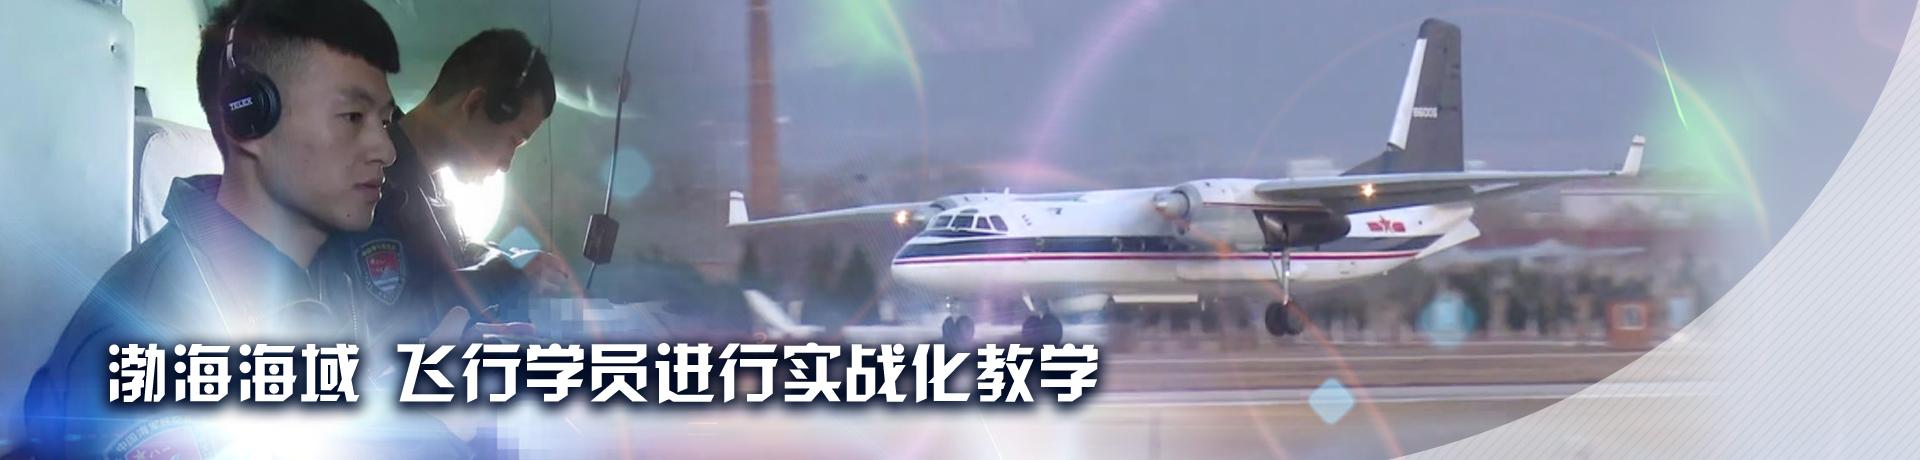 渤海海域 飞行学员进行实战化教学